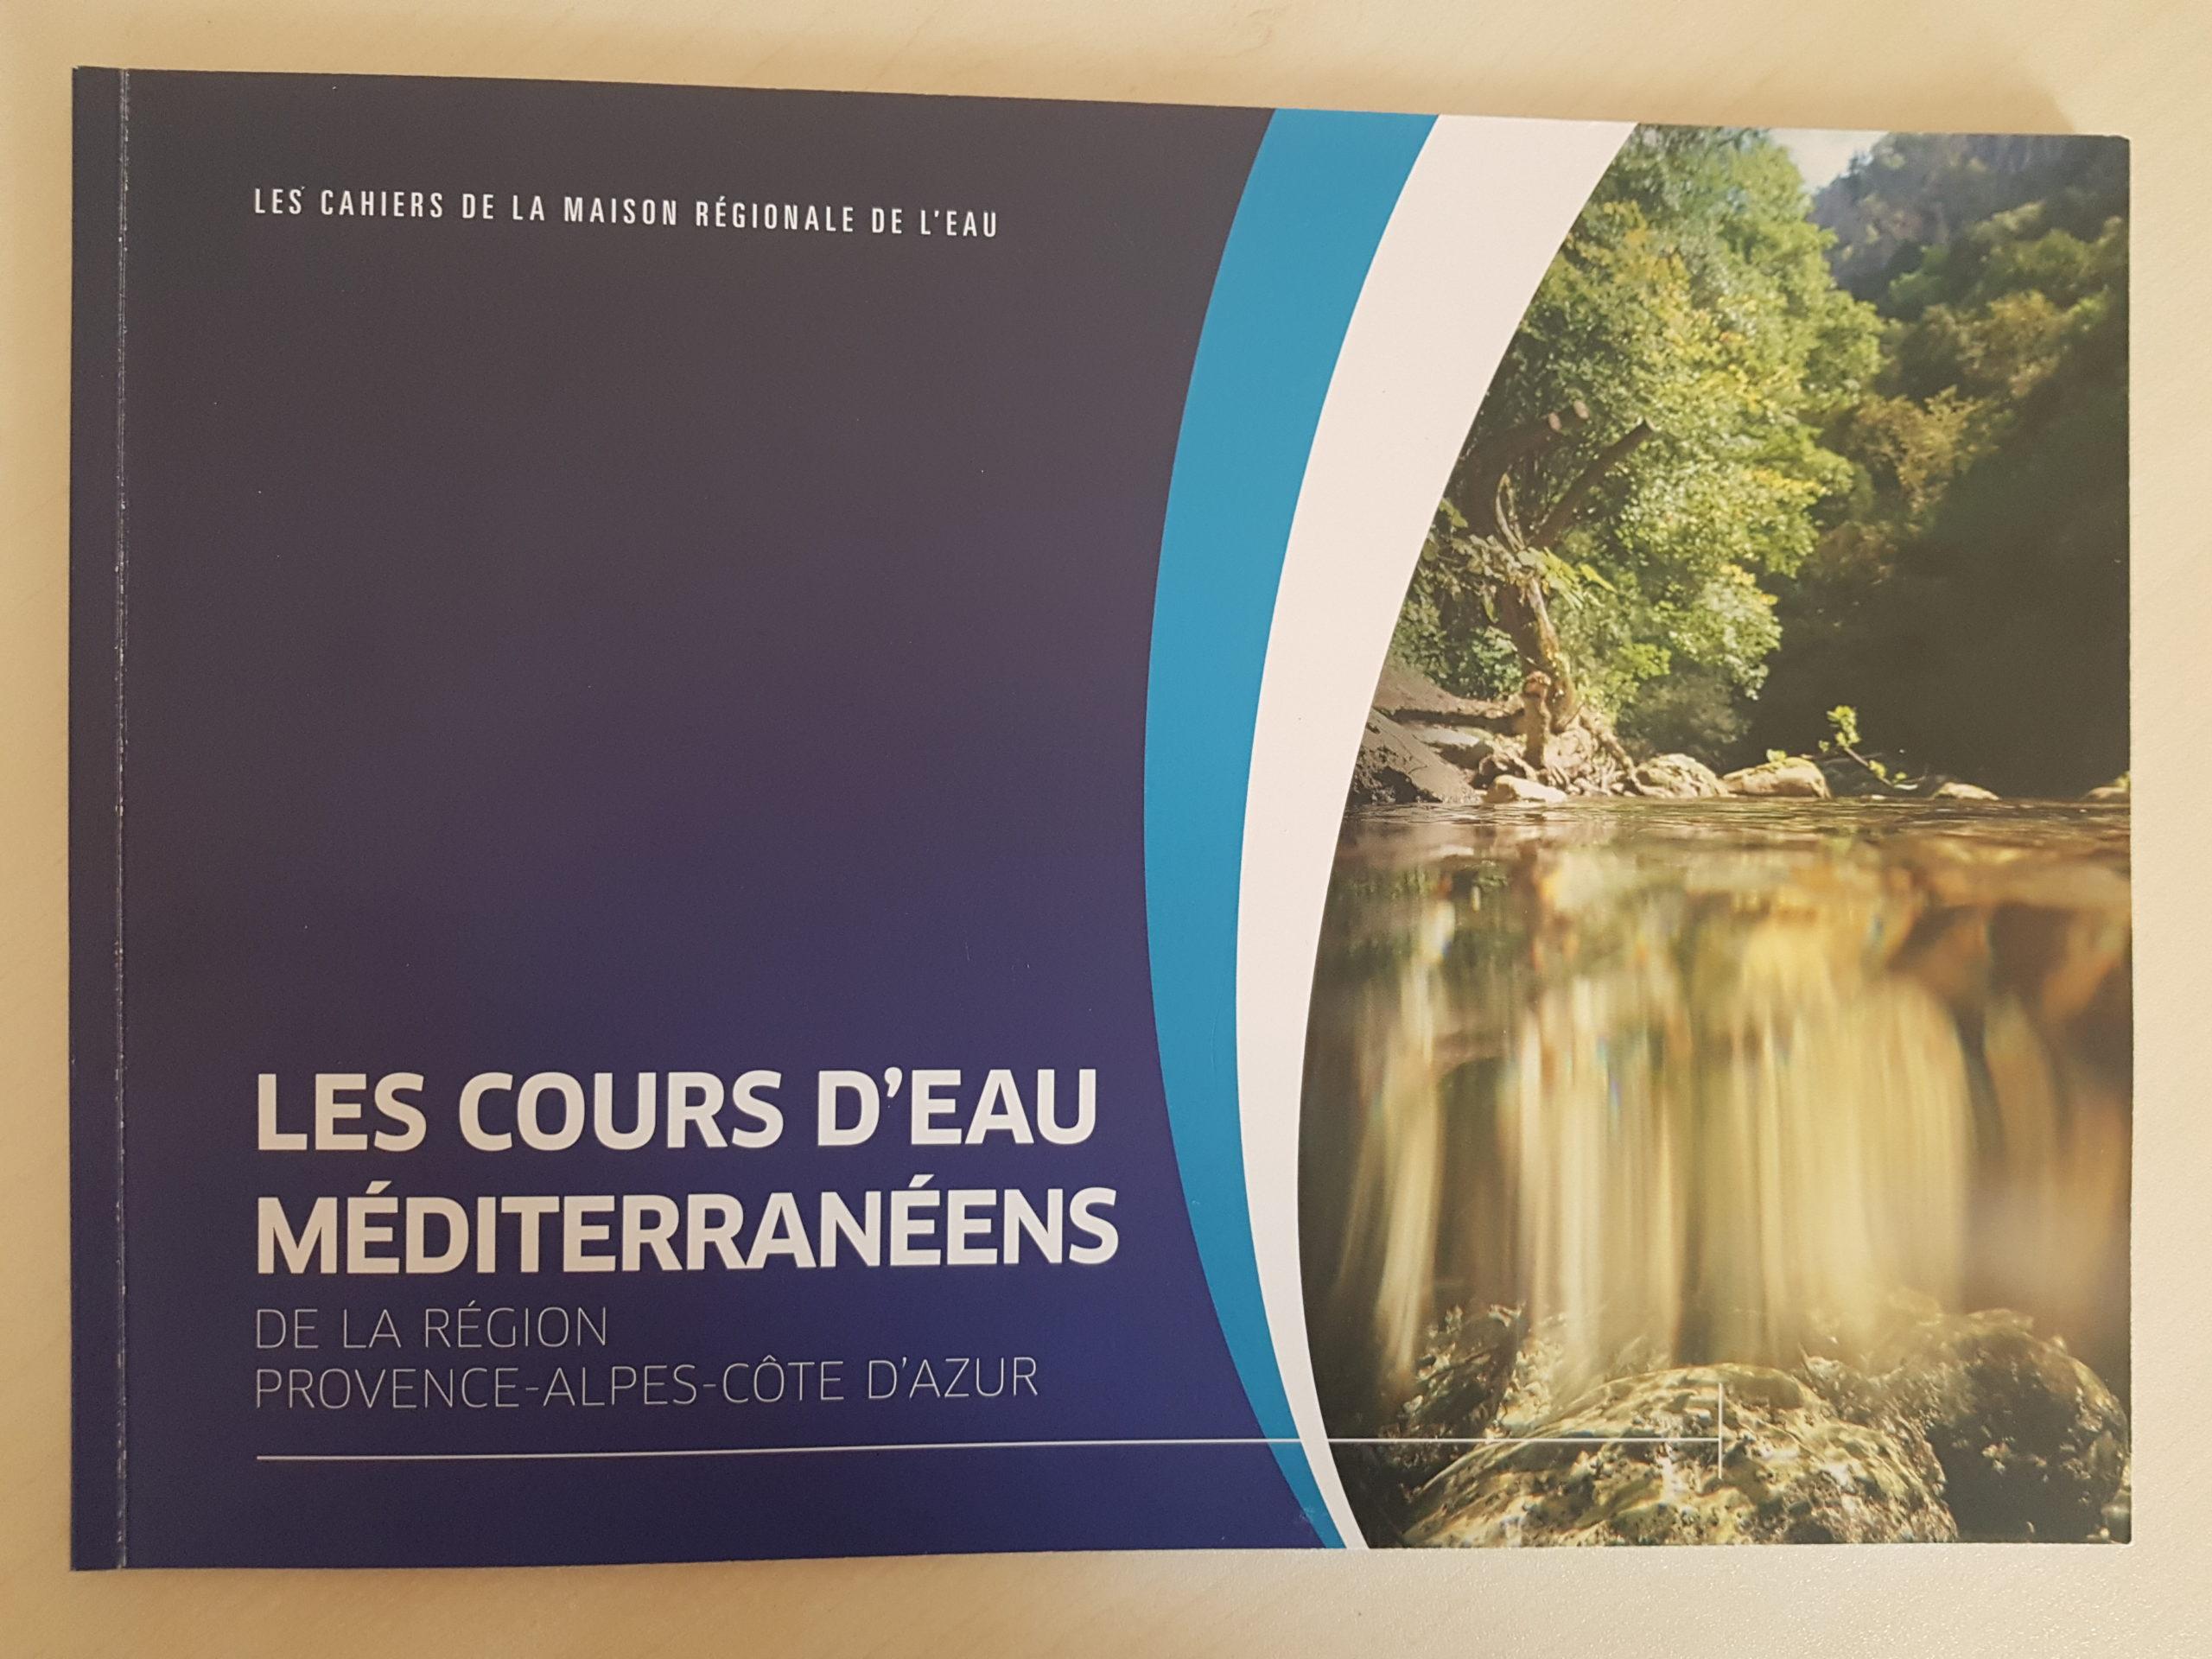 ***Les cahiers de la MRE «Les cours d'eau méditerranéens de la région PACA» est disponible!!***